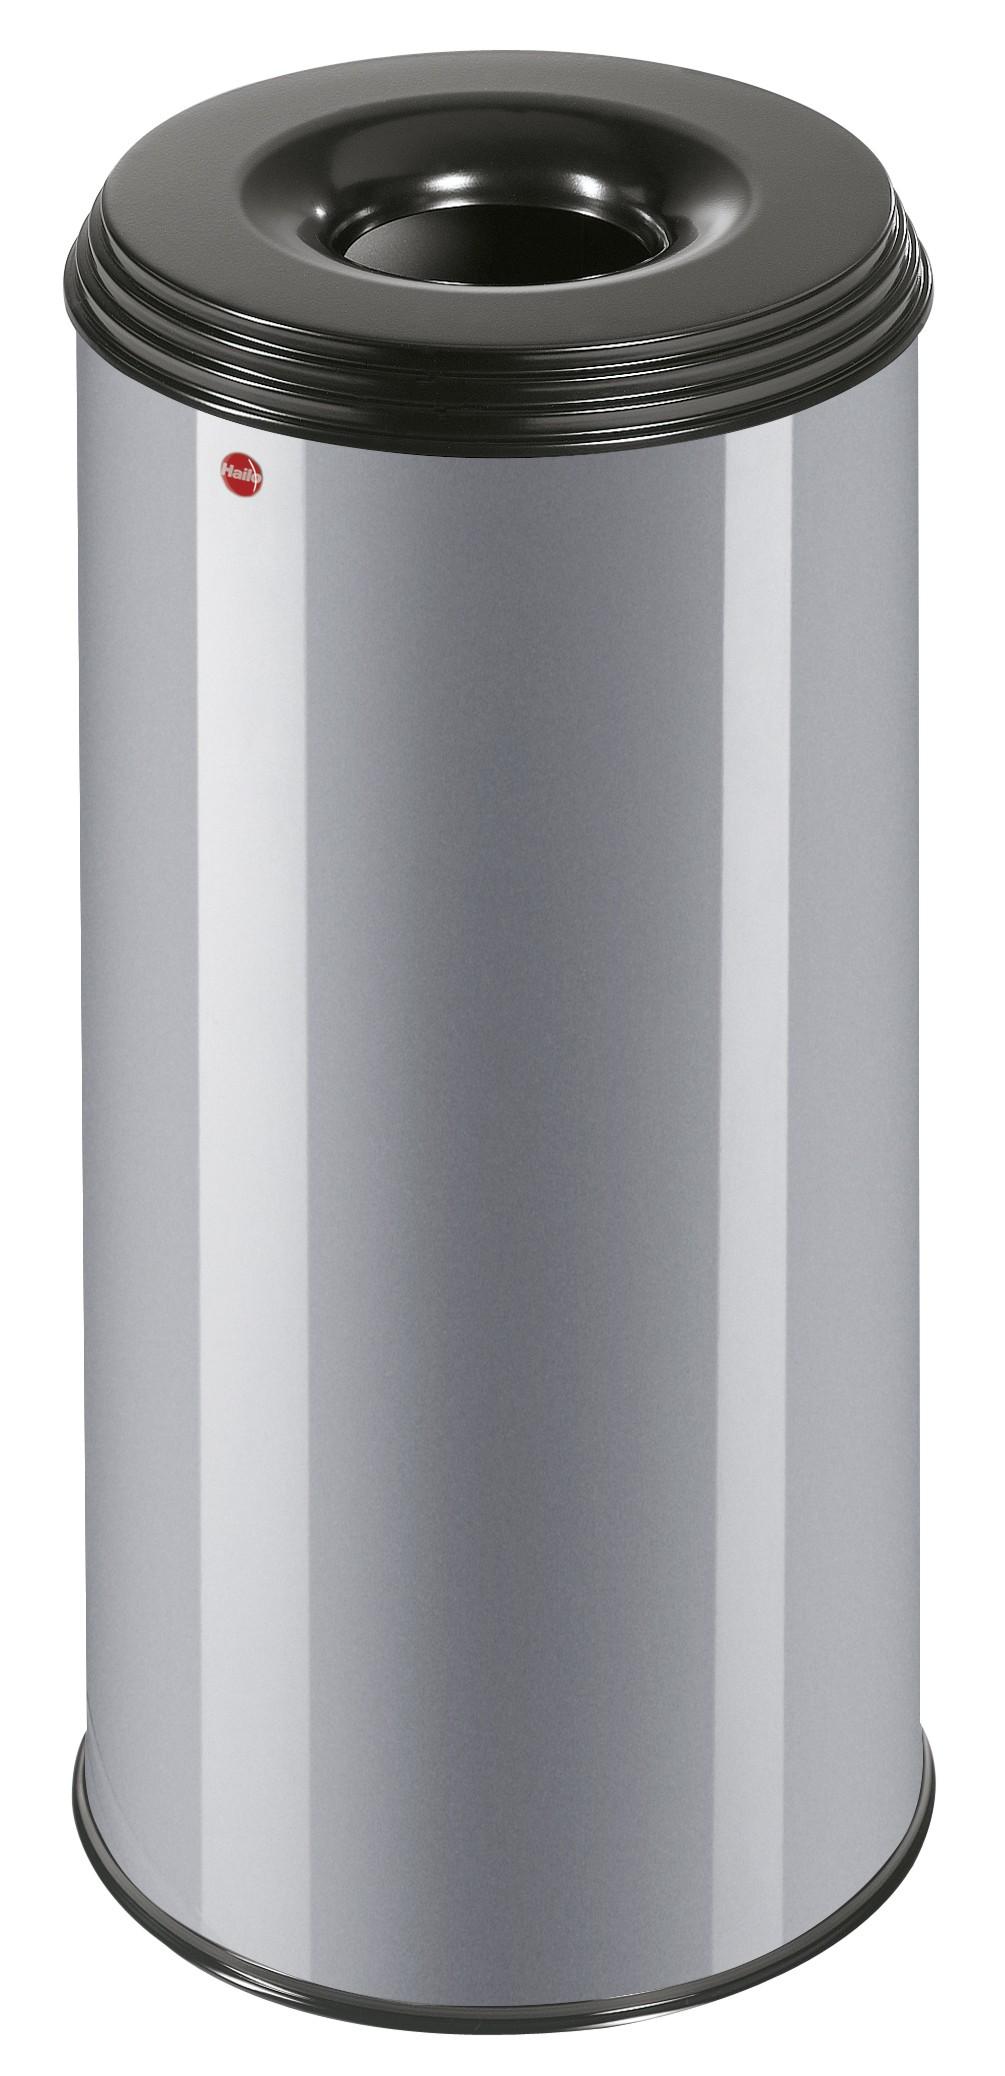 Hailo ProfiLine Safe XL, 45 Liter, Silber, Flammenlöschender Papierkorb